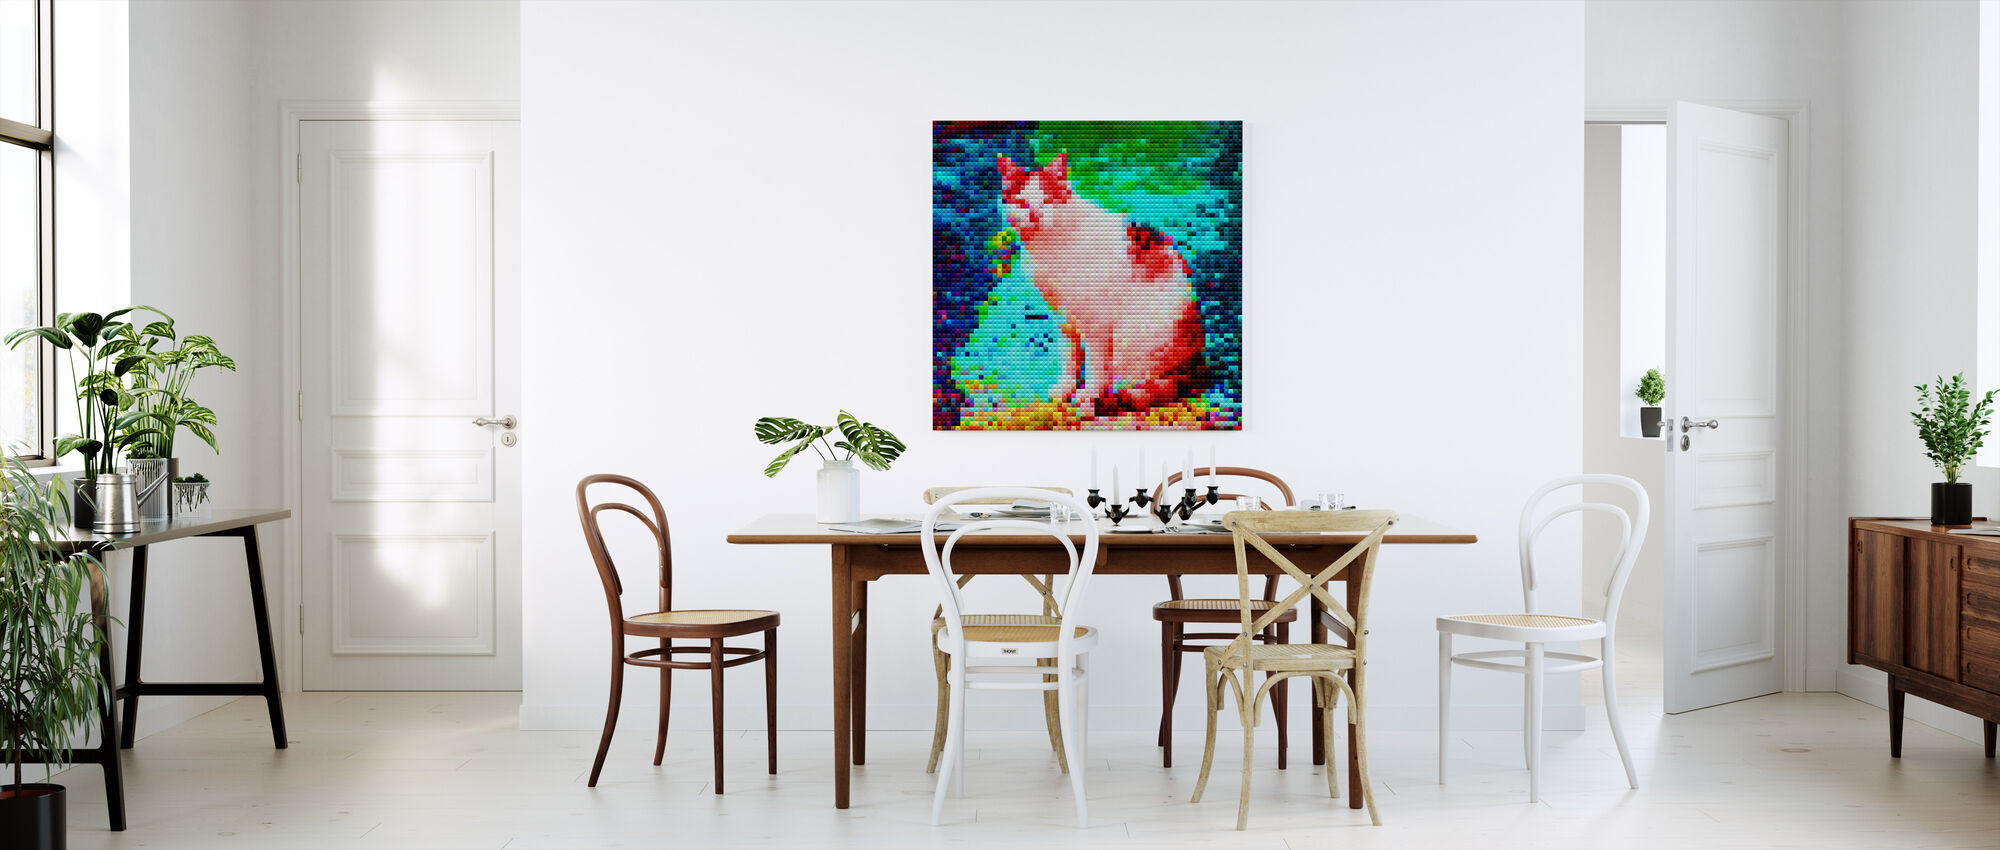 Mosaik Katt - Canvastavla - Kök